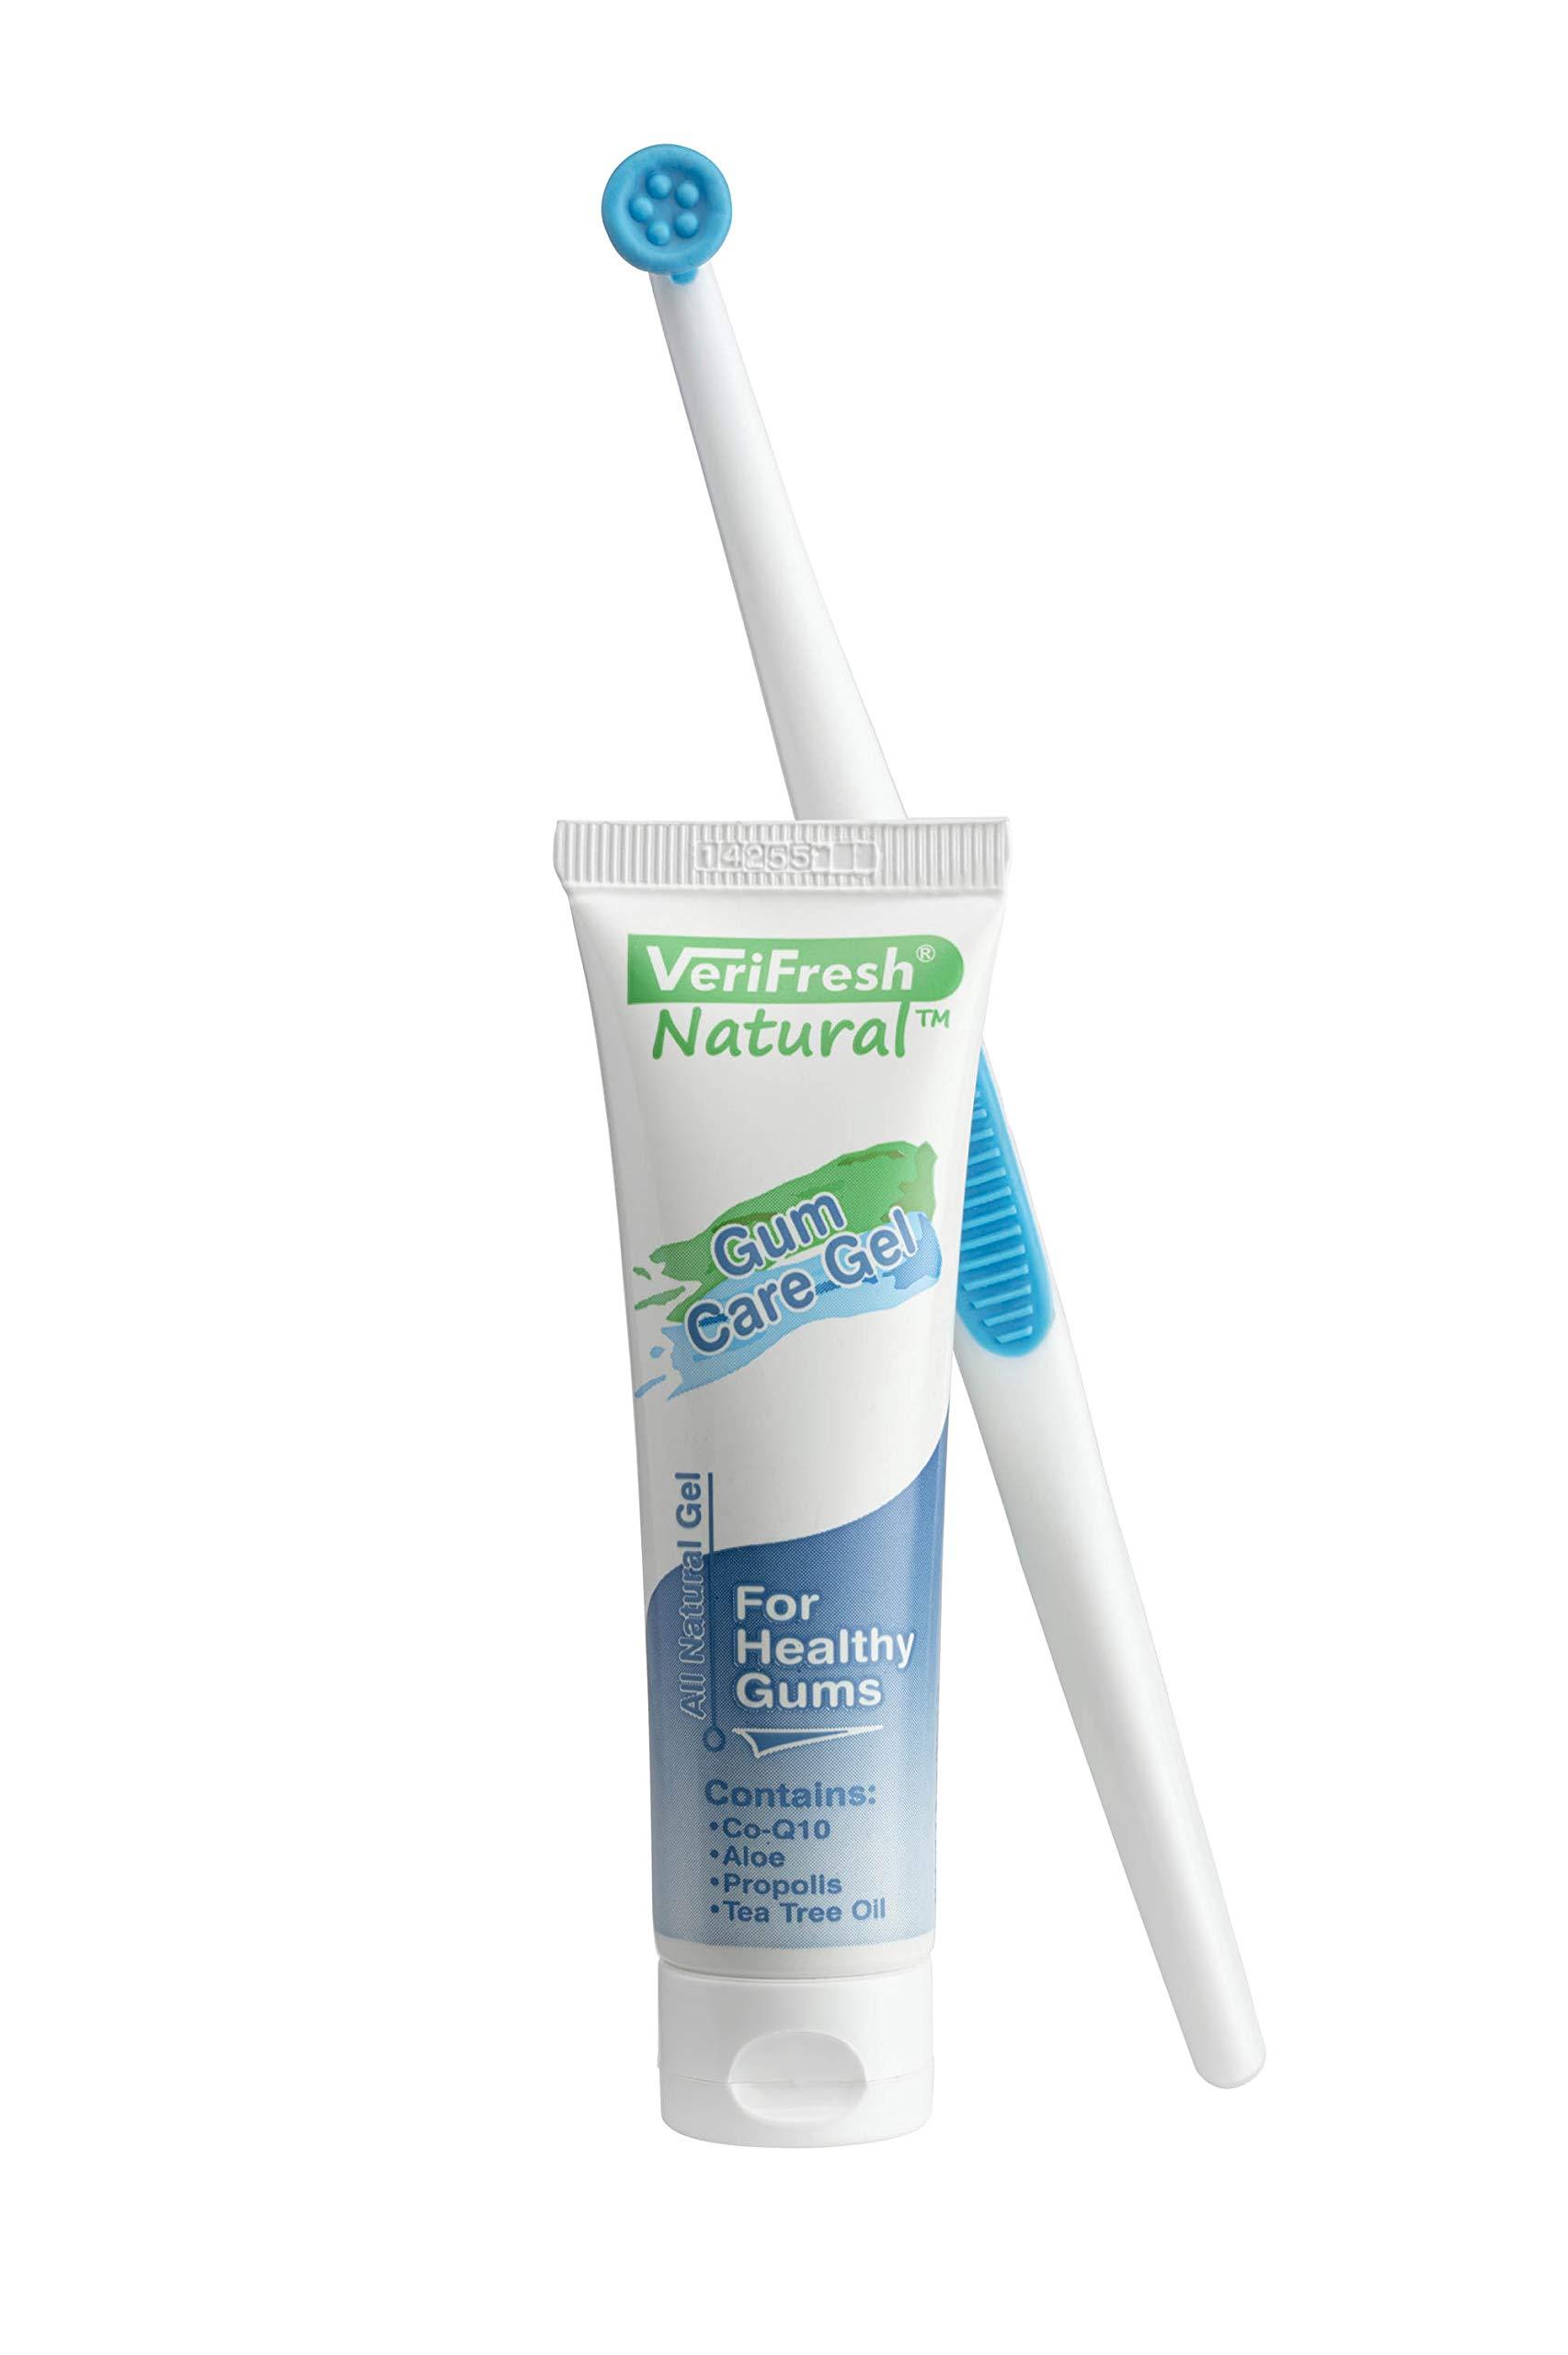 Gum Stimulator/Massager and All Natural Gum Gel - VeriFresh - Gum Care Kit for Healthy Gums